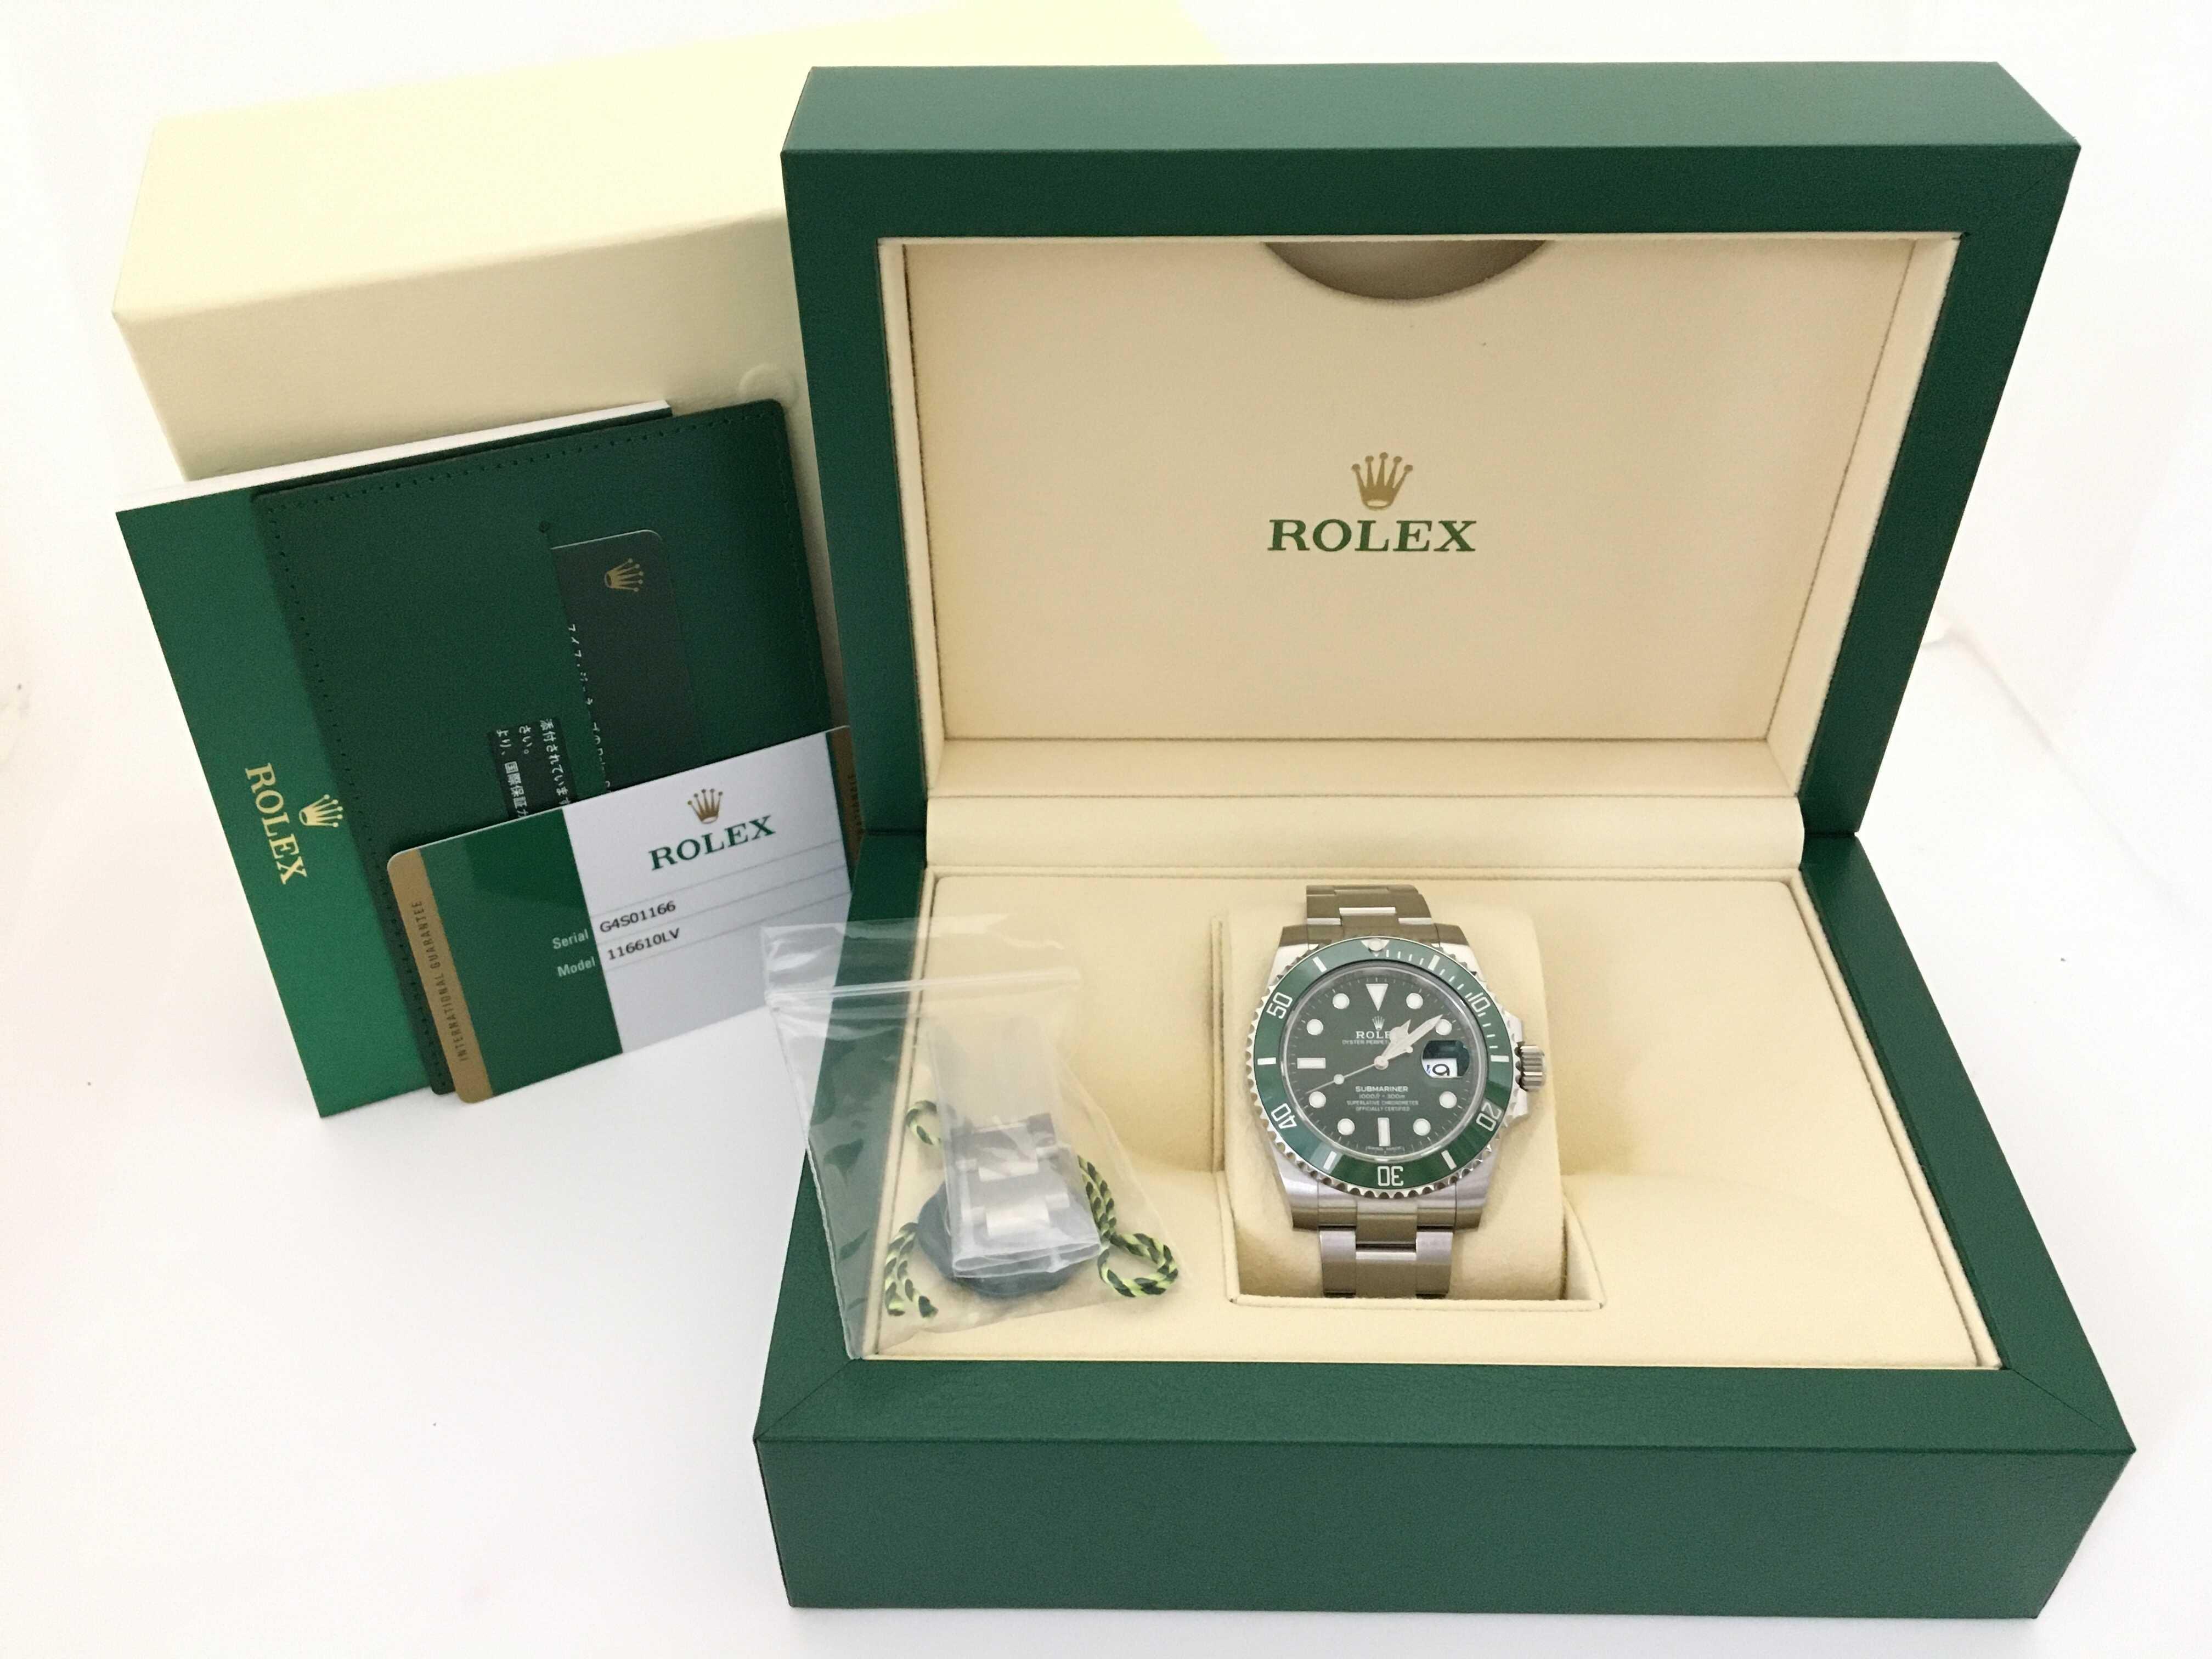 (1630_0185)ロレックス 116610LV G4S01166 メンズ腕時計